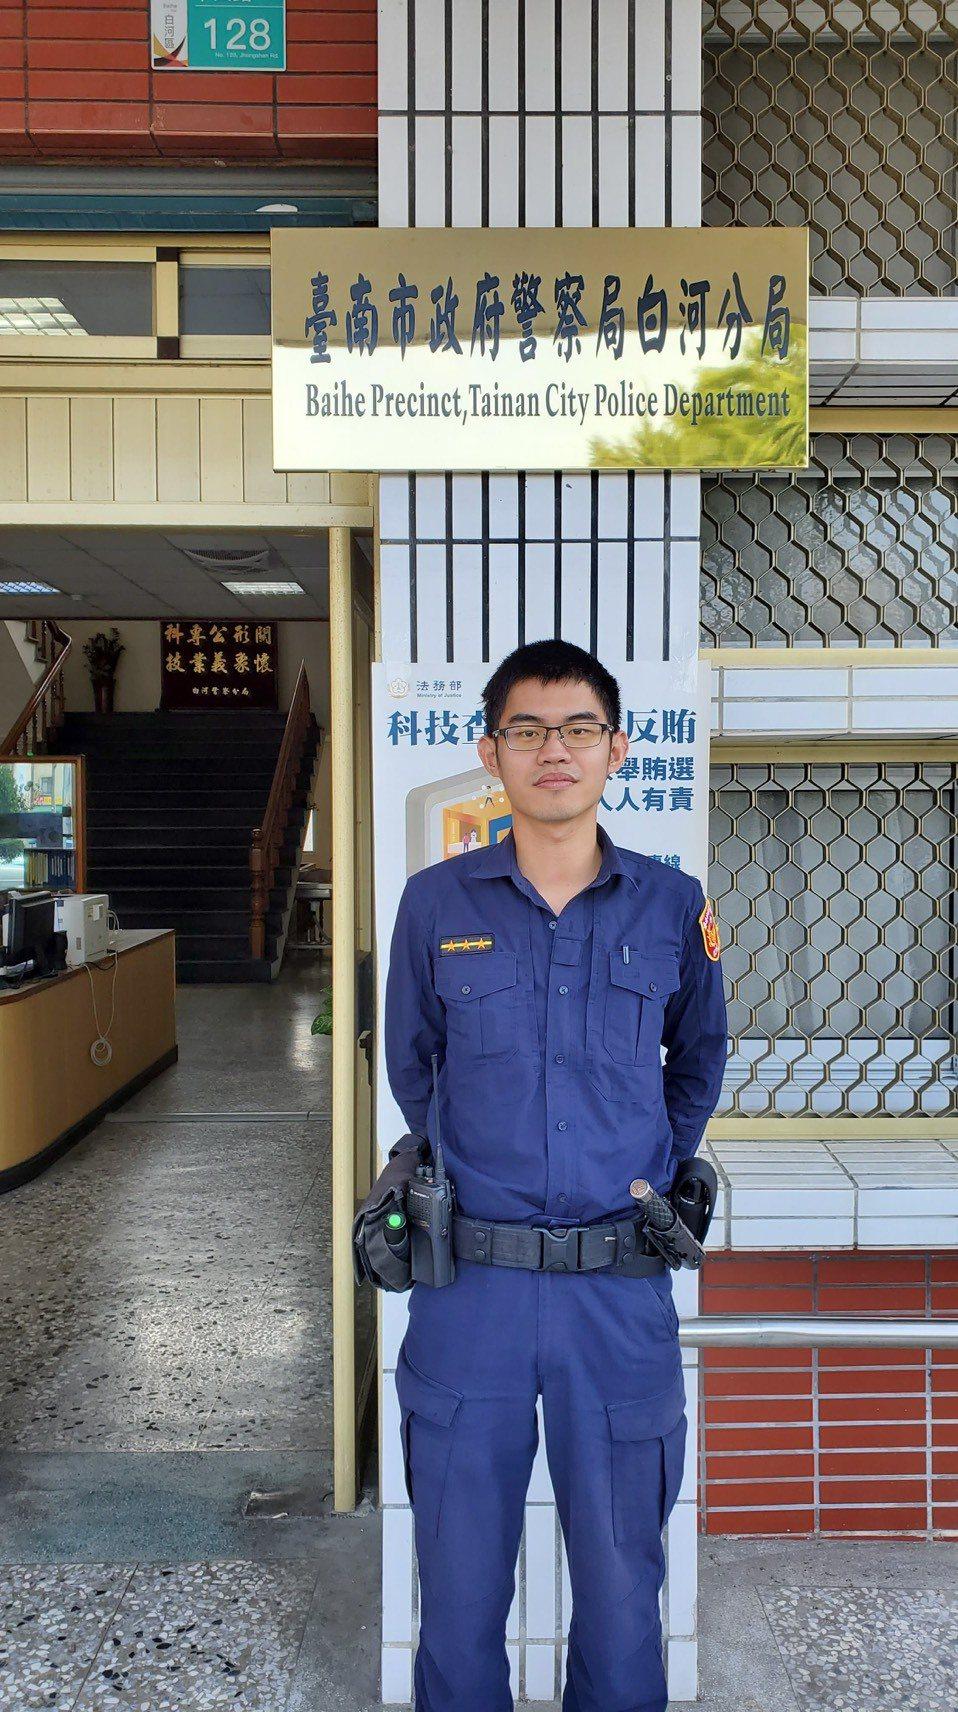 成功尋獲老翁的白河派出所警員劉宗興。記者謝進盛/翻攝